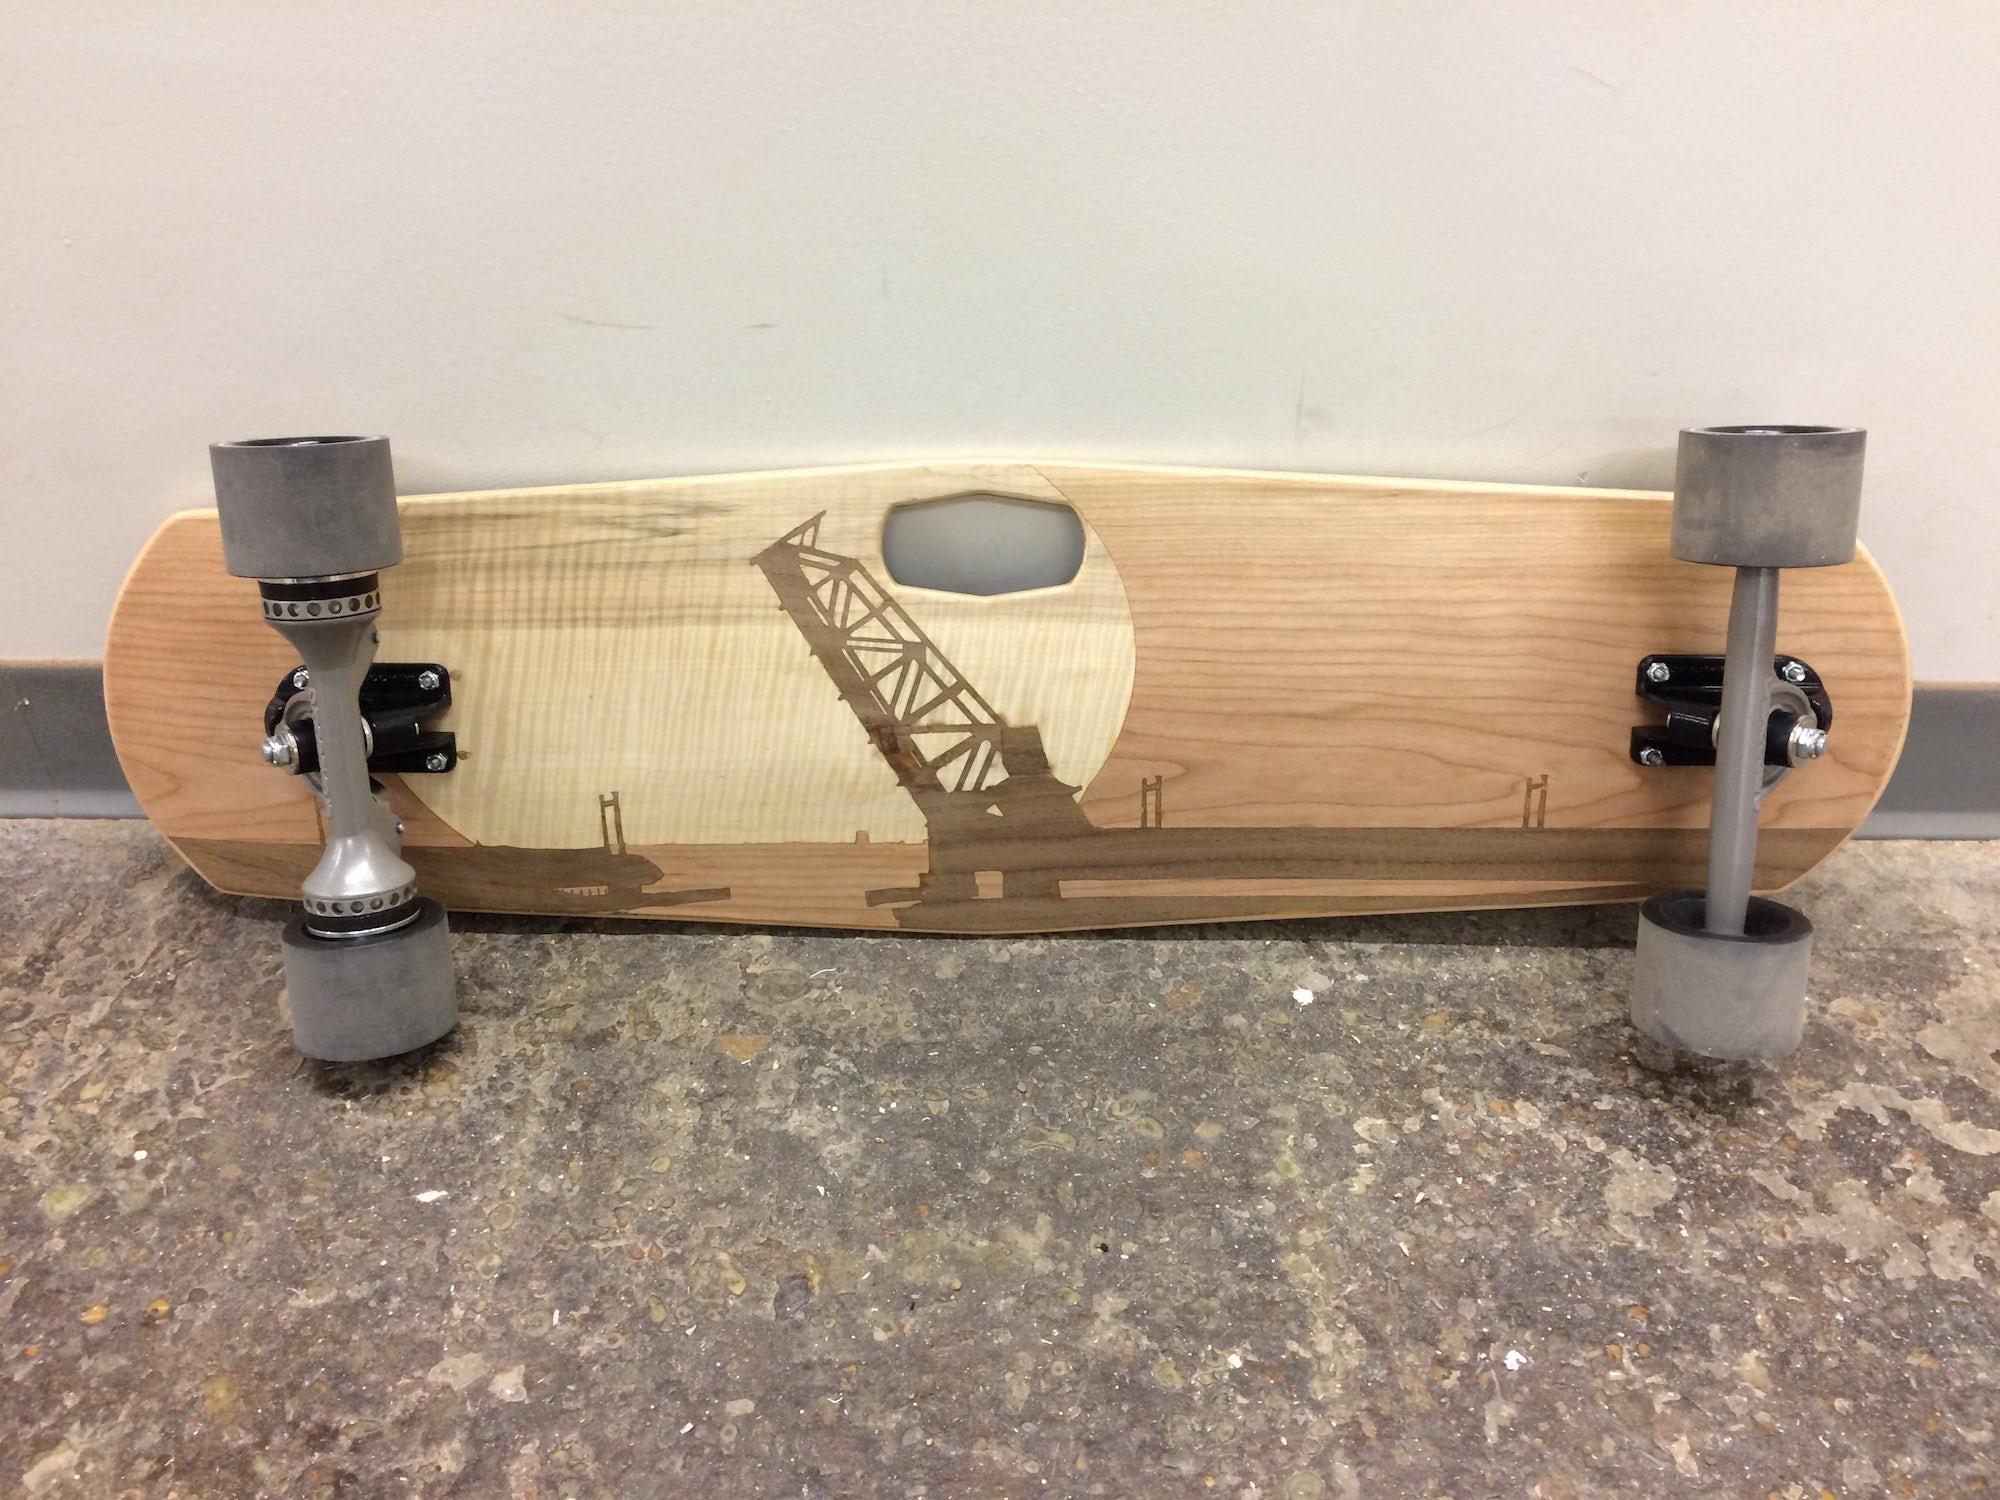 Bridge Skateboard